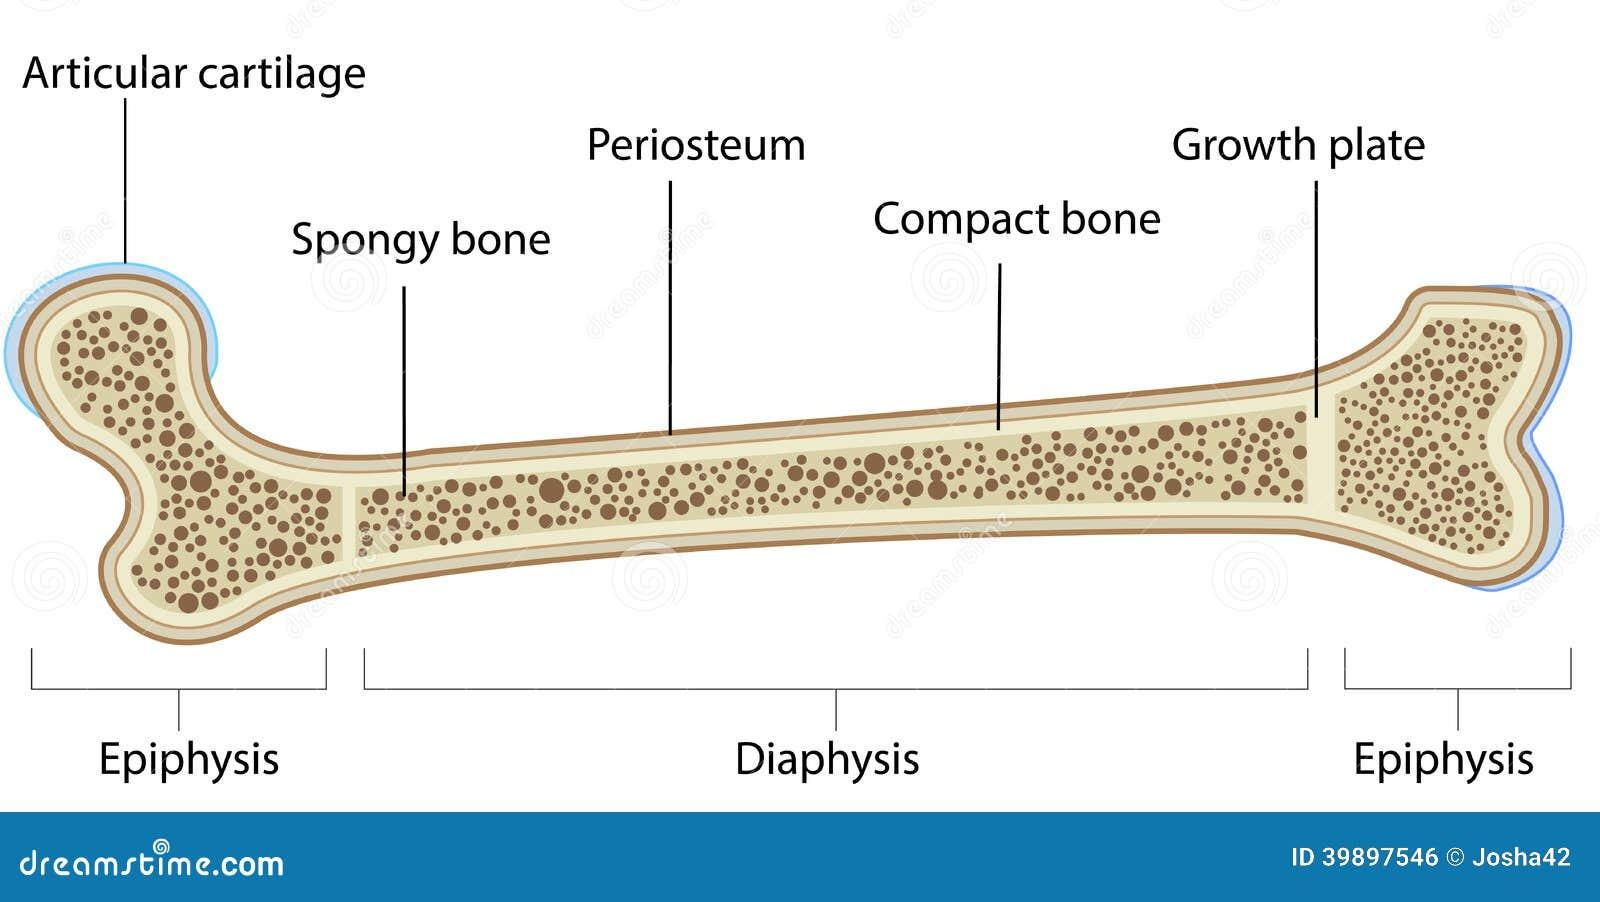 Fantastisch Anatomie Diagramme Fotos - Anatomie Ideen - finotti.info